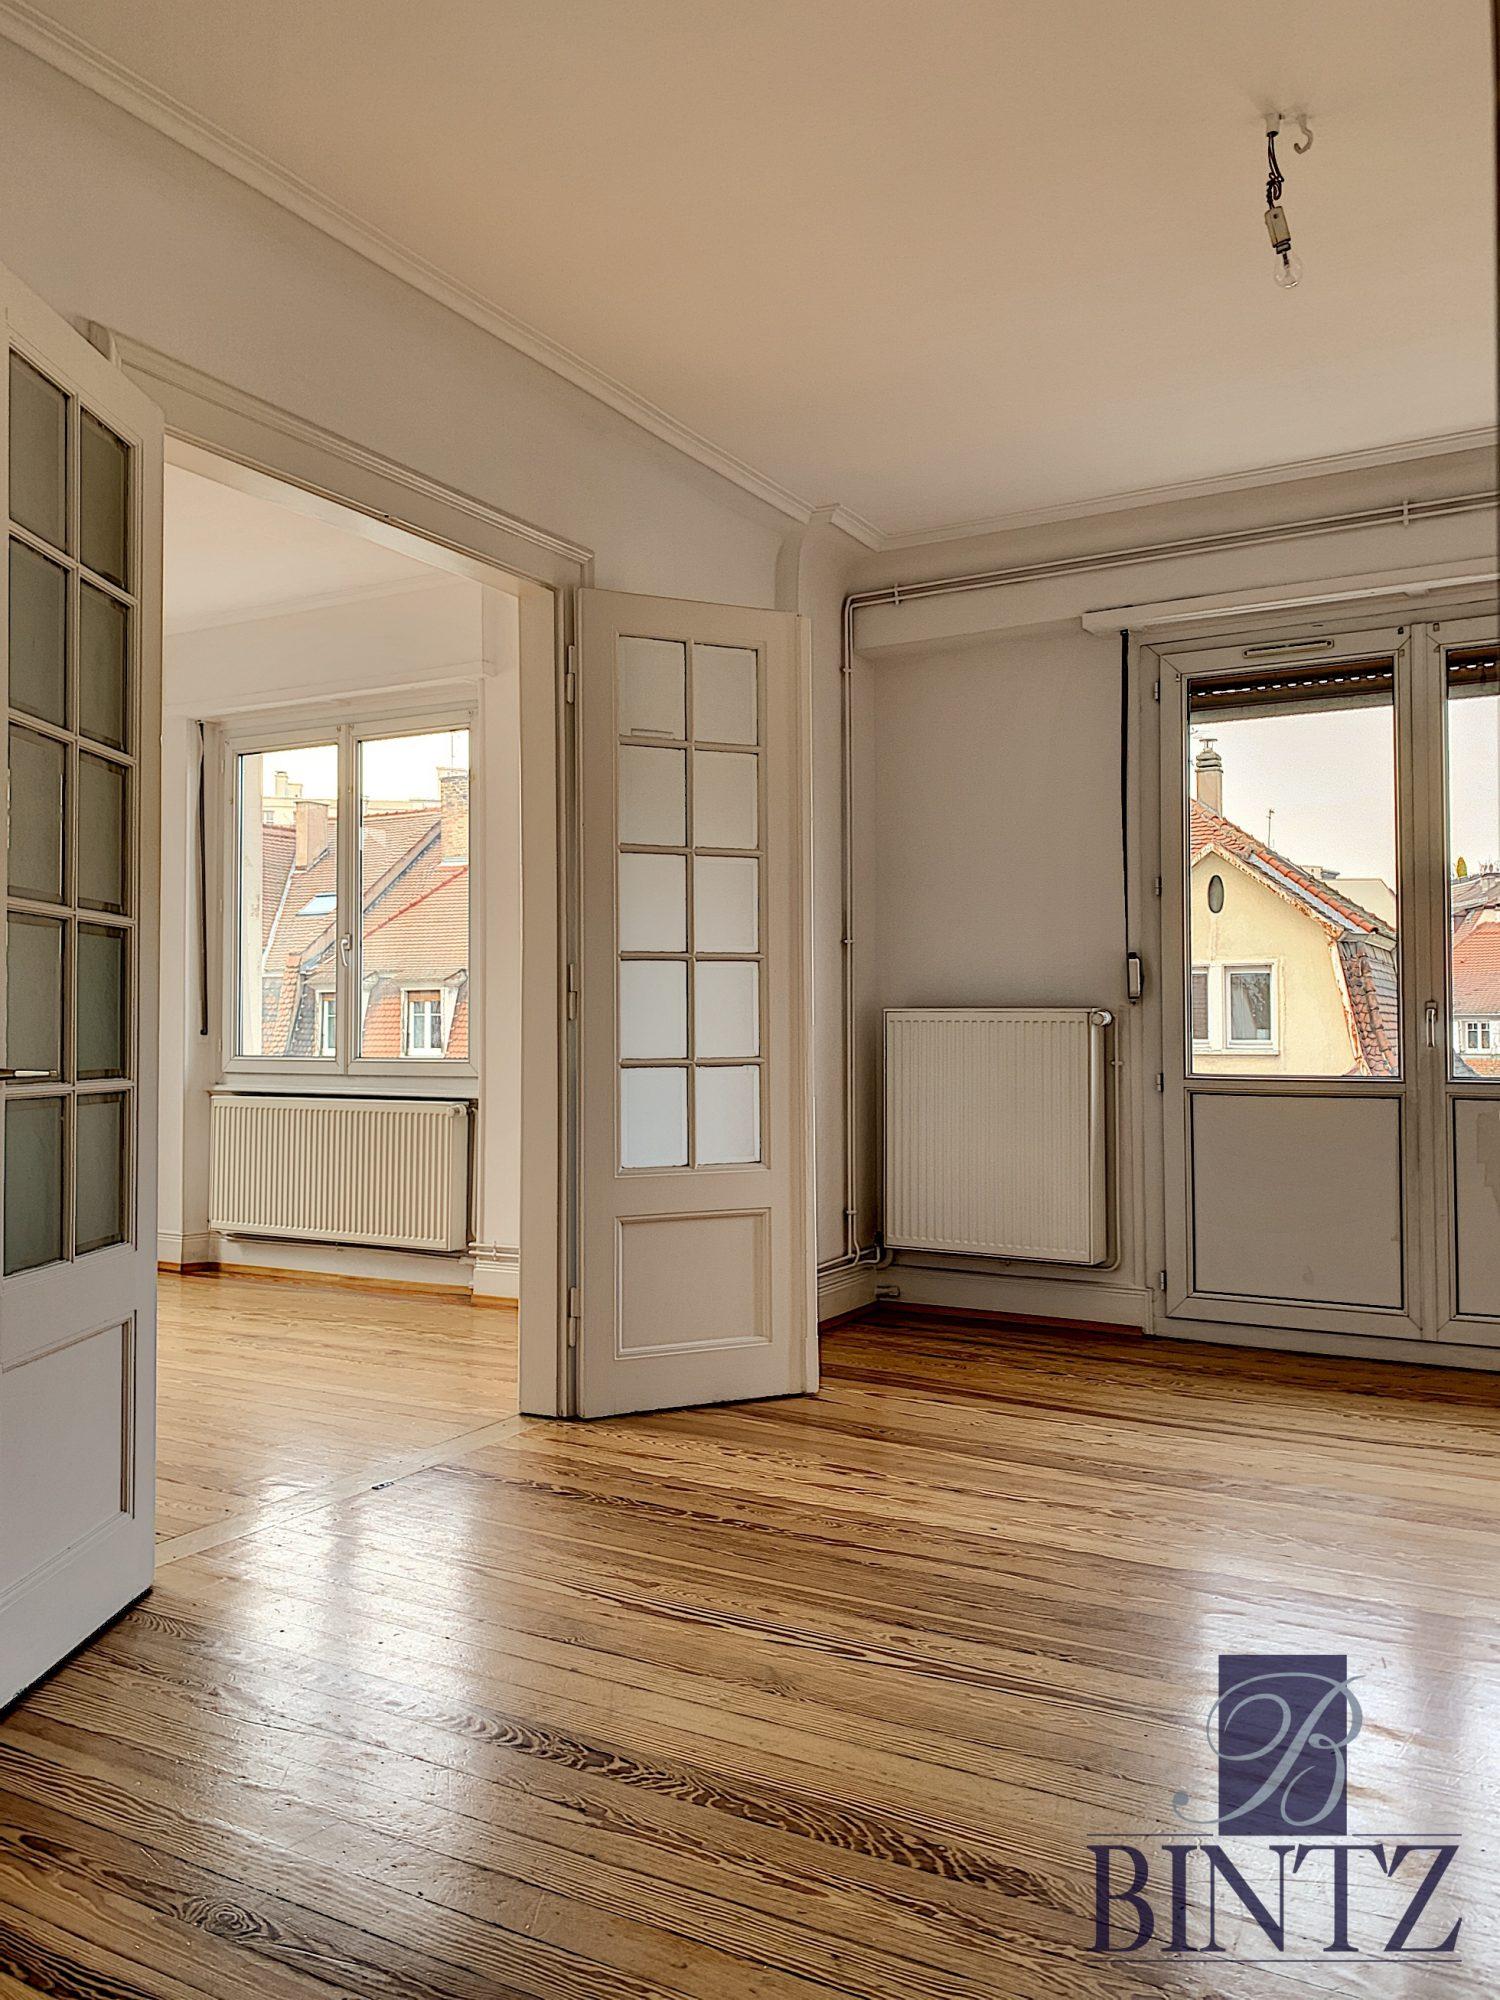 GRAND 4 PIÈCES RÉNOVÉ À NEUDORF - Devenez locataire en toute sérénité - Bintz Immobilier - 7